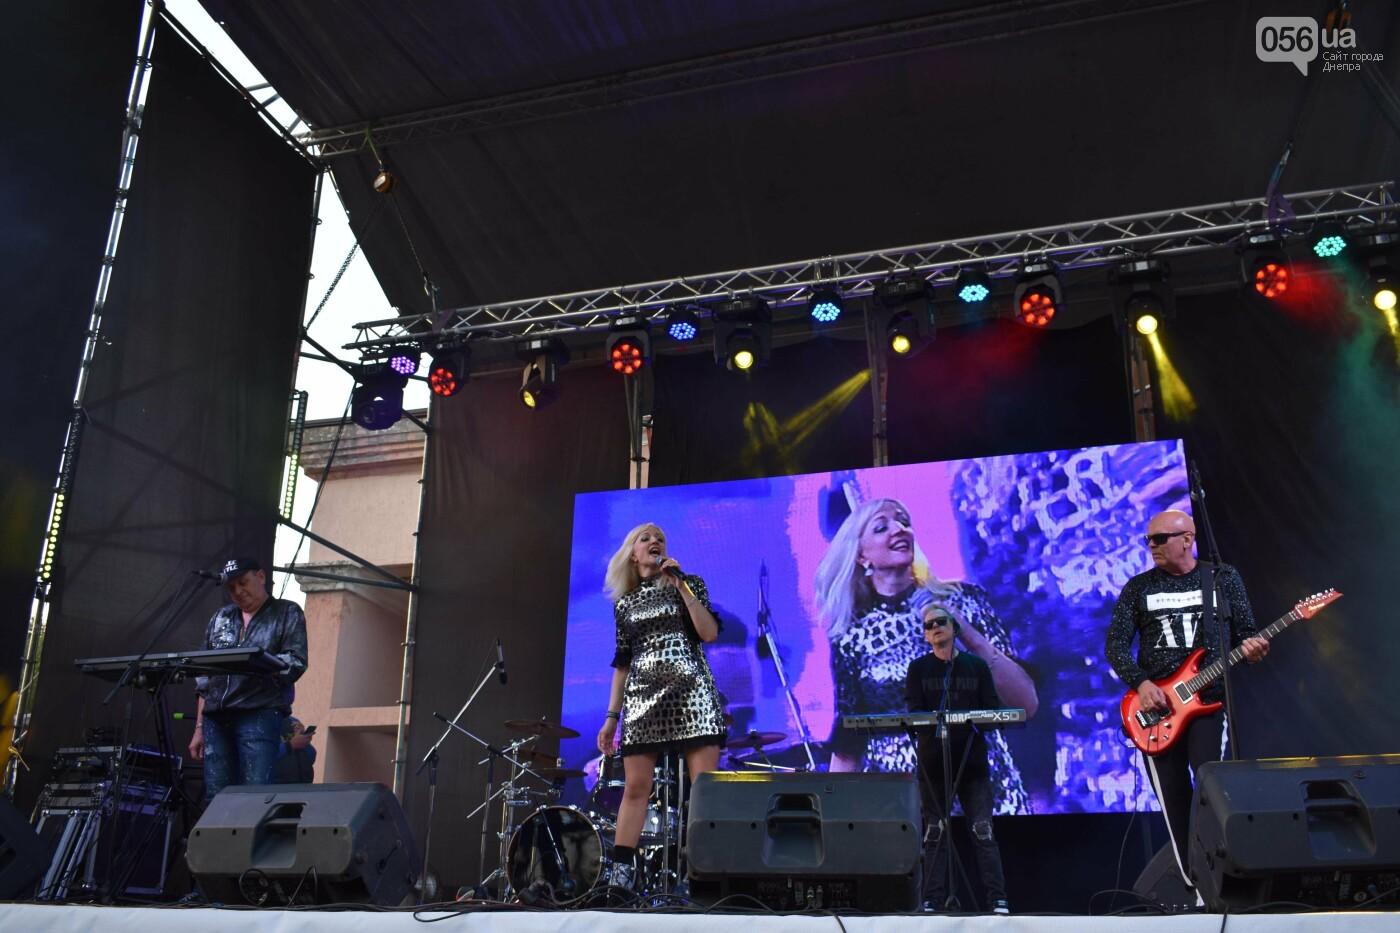 """""""Ах какая женщина"""": звездным гостем ярмарки-фестиваля на Днепропетровщине стала группа """"Фристайл"""" вместе с Натой Нединой, - ФОТО, ВИДЕО, фото-1"""